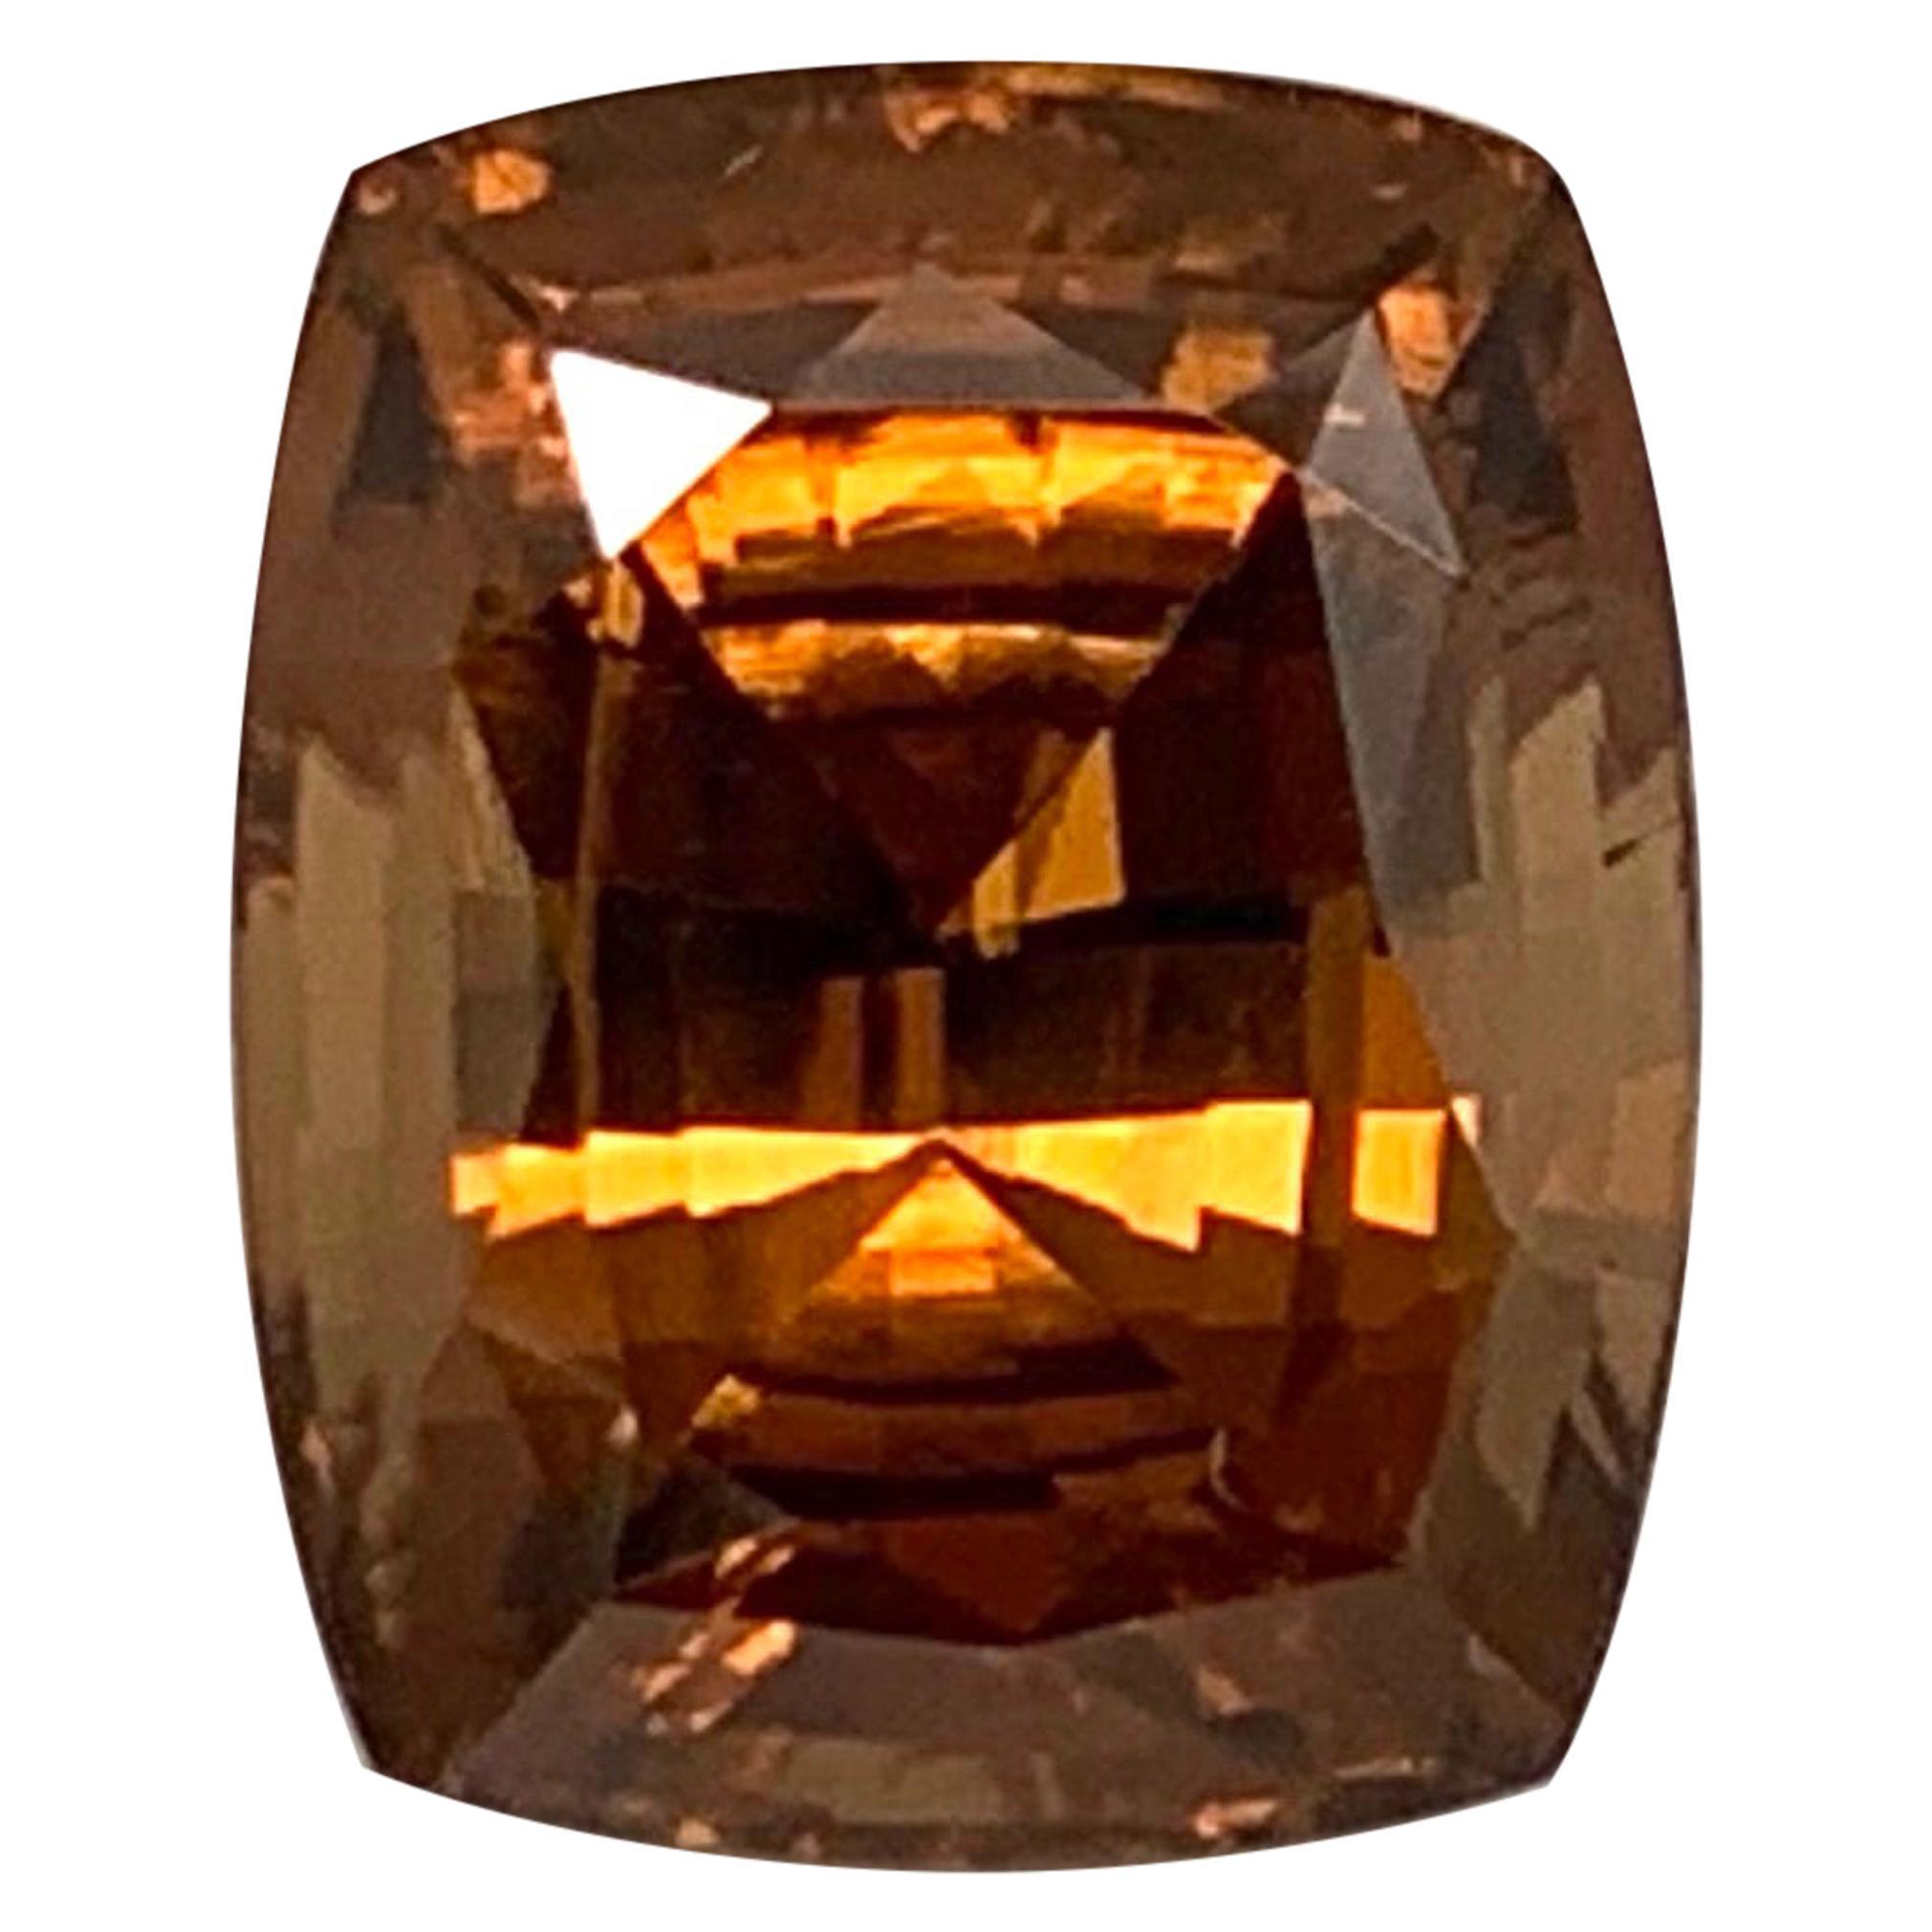 16.93 Carat Orange Zircon Loose Engagement Ring or Pendant Enhancer Gemstone